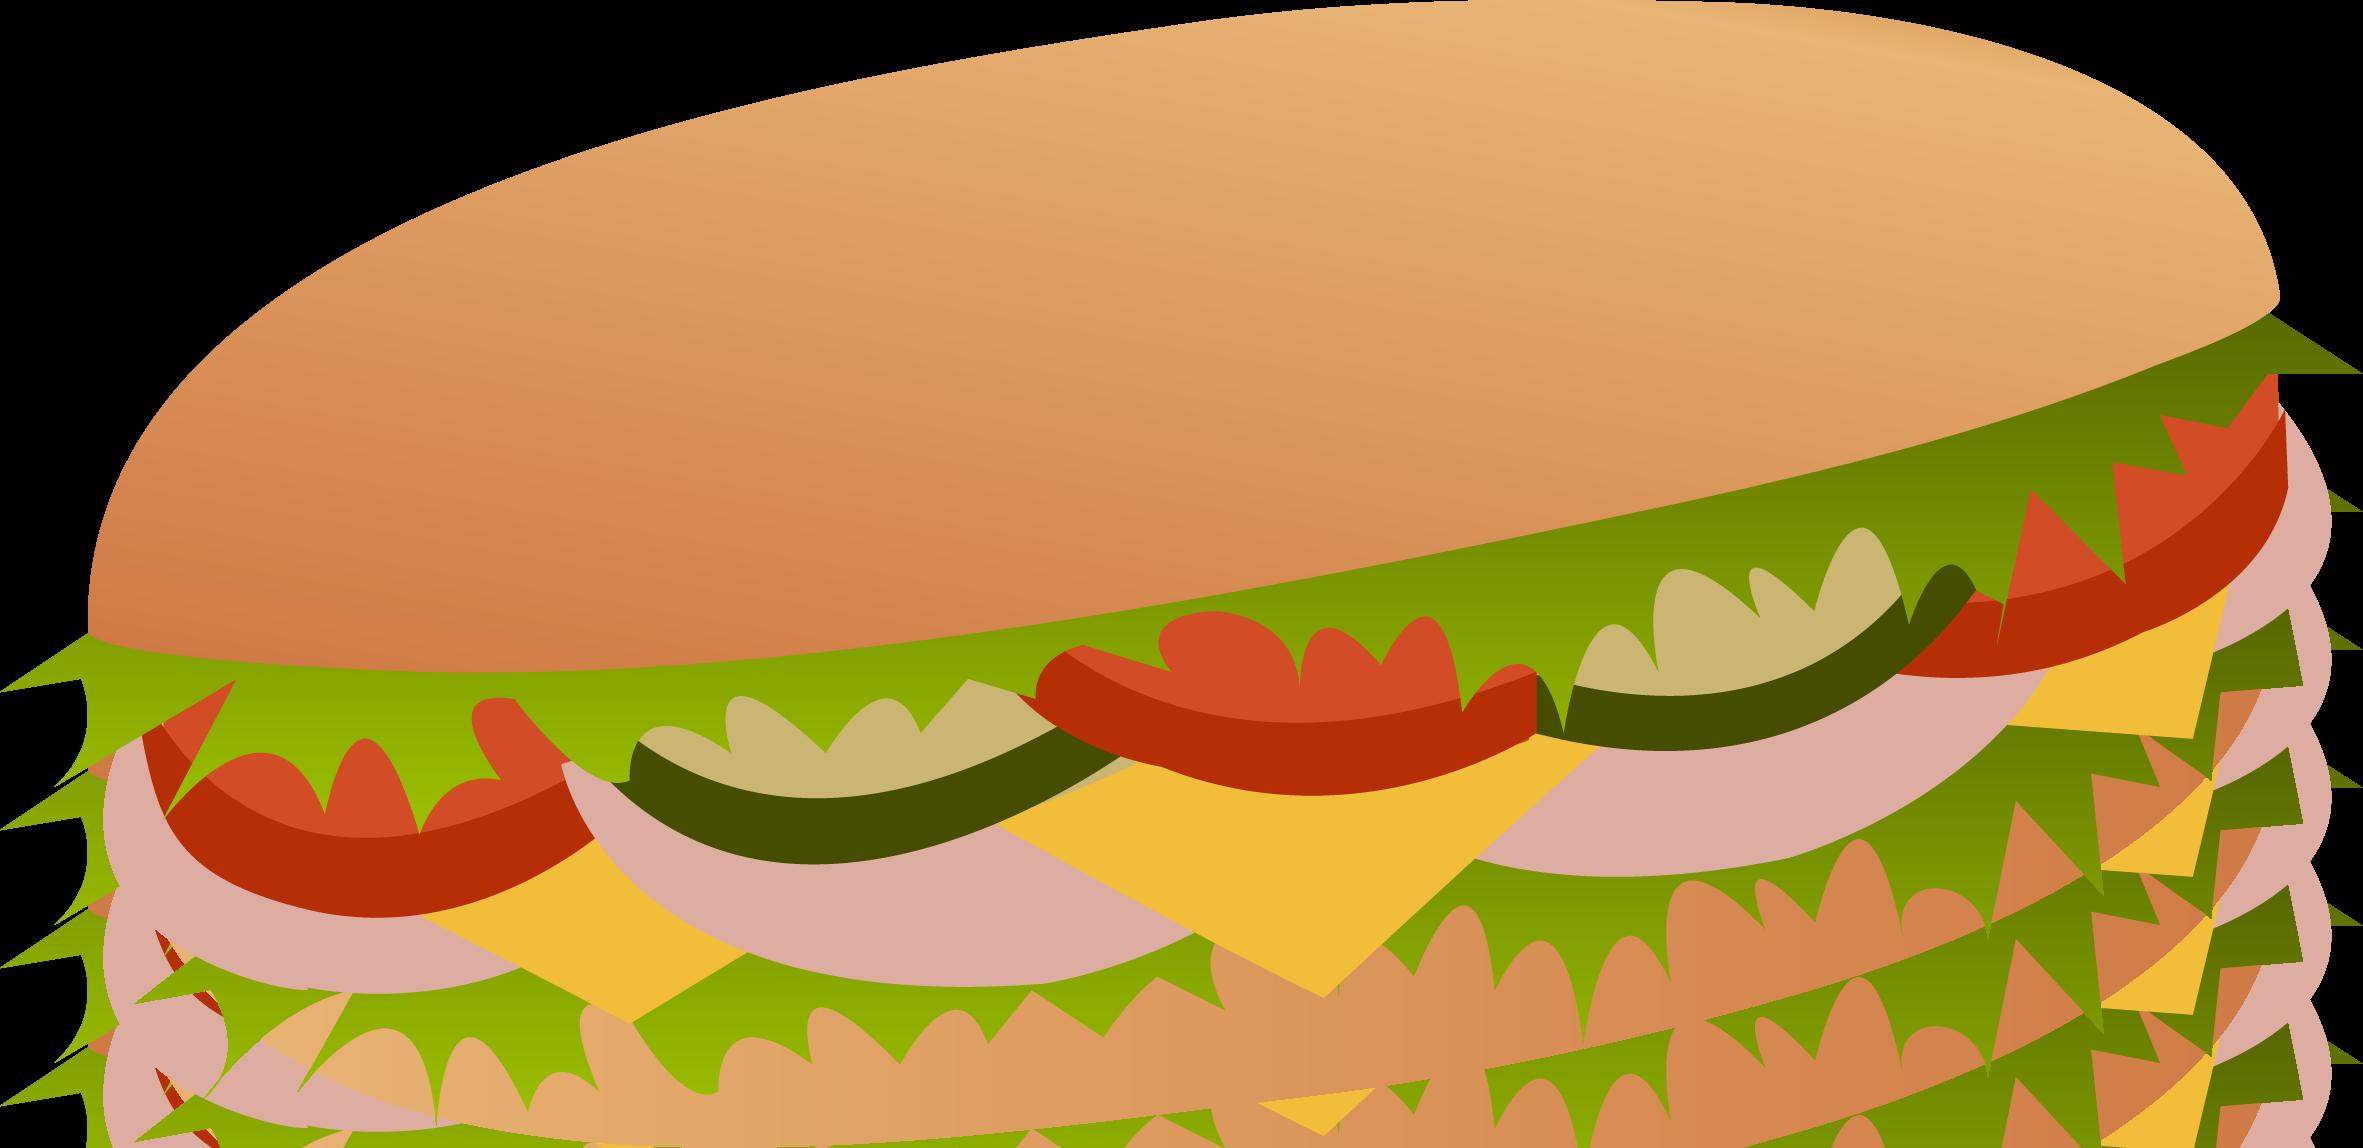 sub sandwich clip art free clip art rh sweetclipart com Cartoon Sub Sandwich sub sandwich clip art images